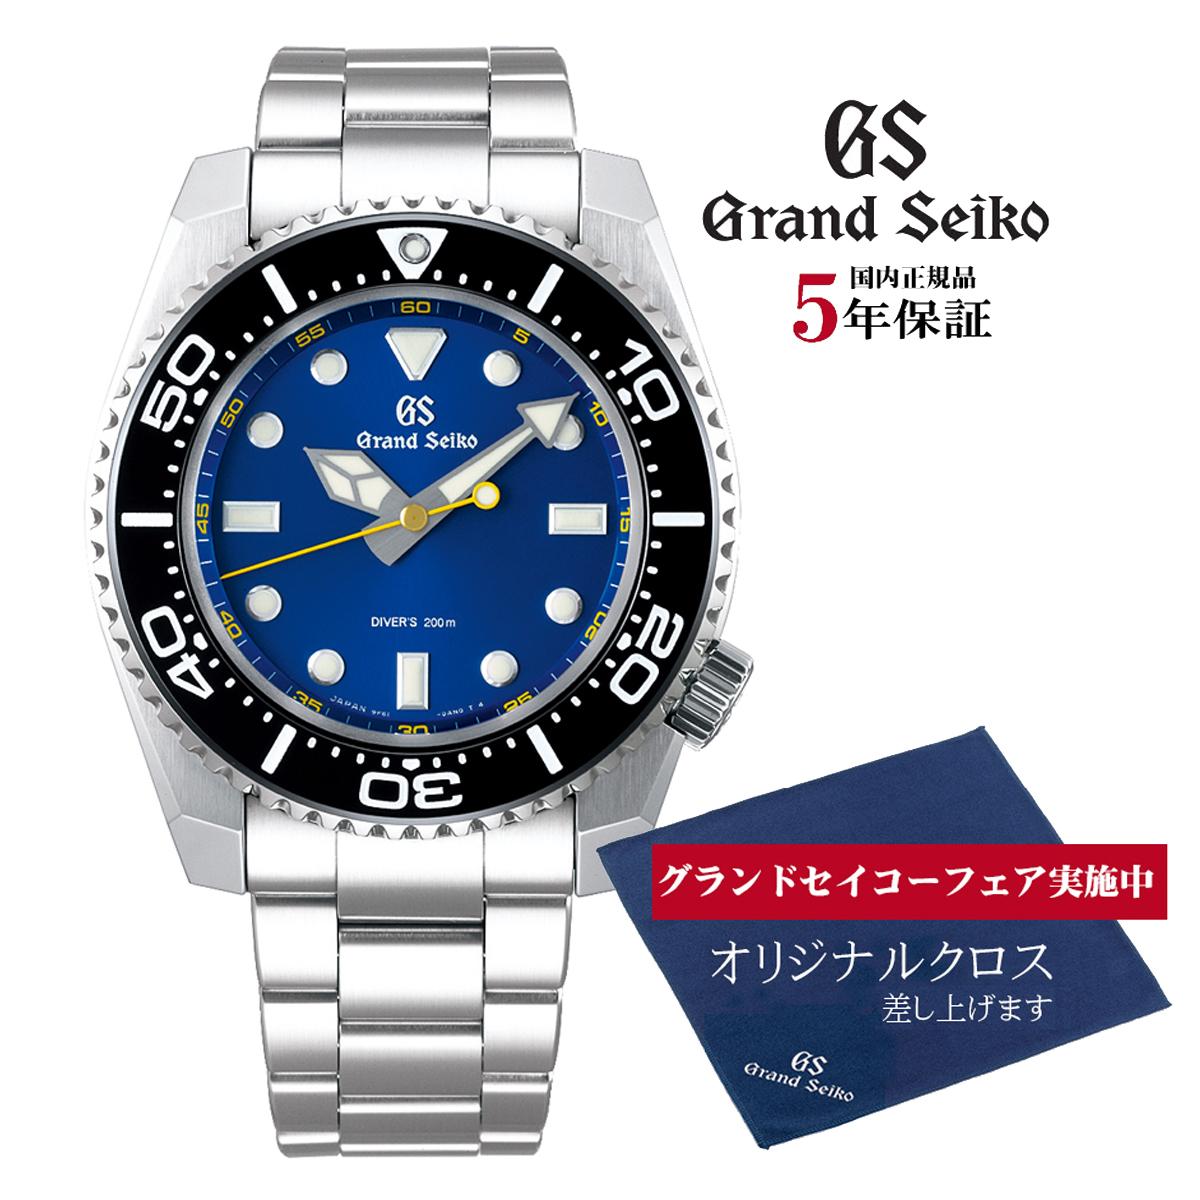 グランドセイコー Grand Seiko 正規メーカー保証3年 SBGX337 9Fクォーツ ダイバー 正規品 腕時計